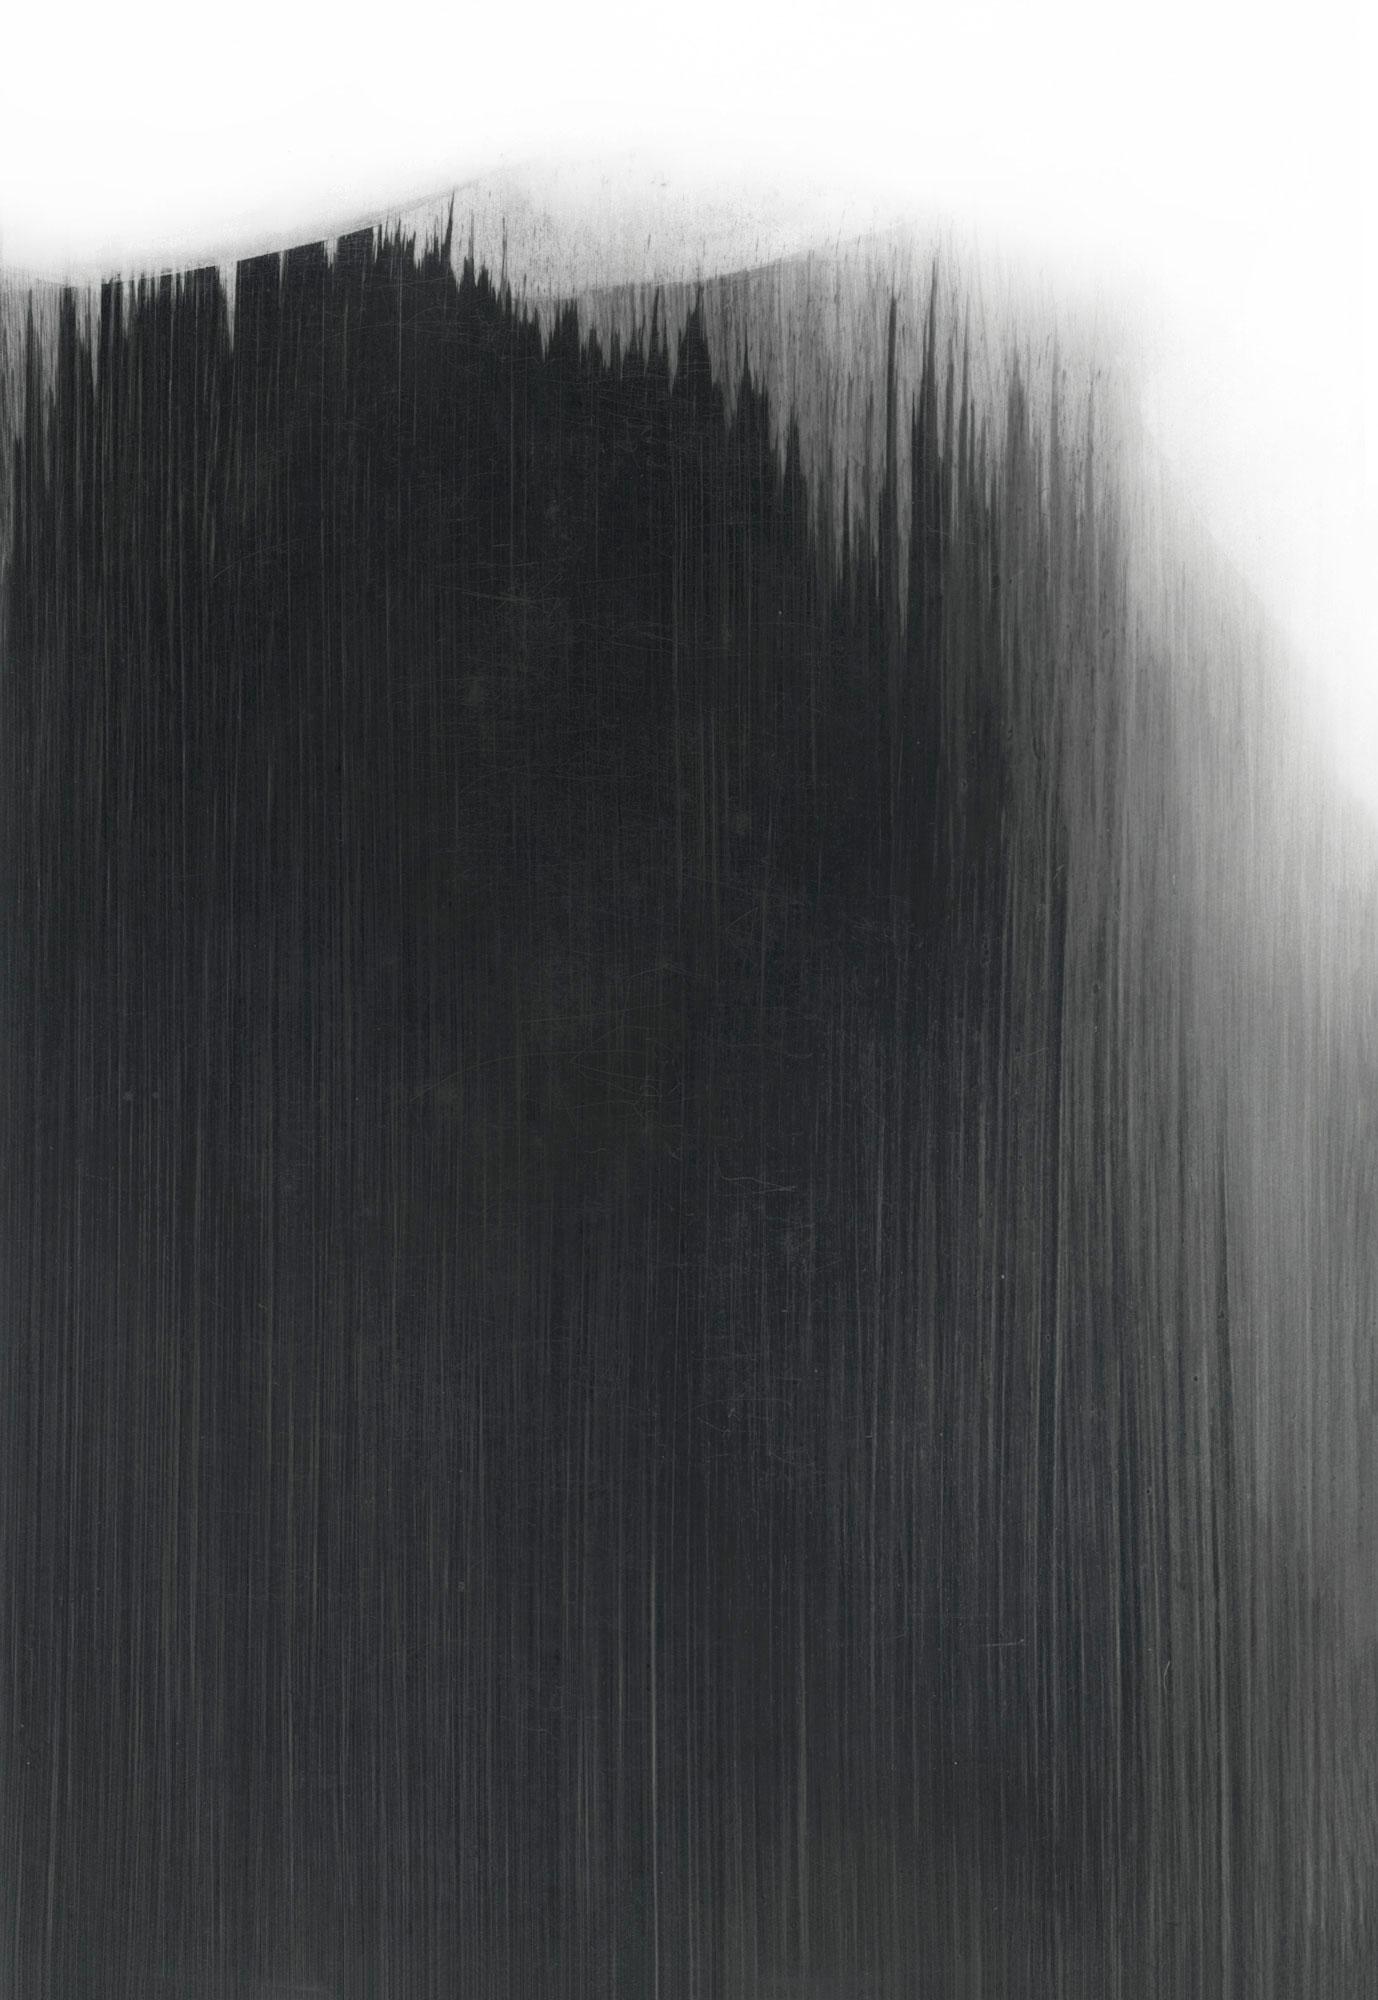 After the Rain: Castel Sant Elia 9.20-1